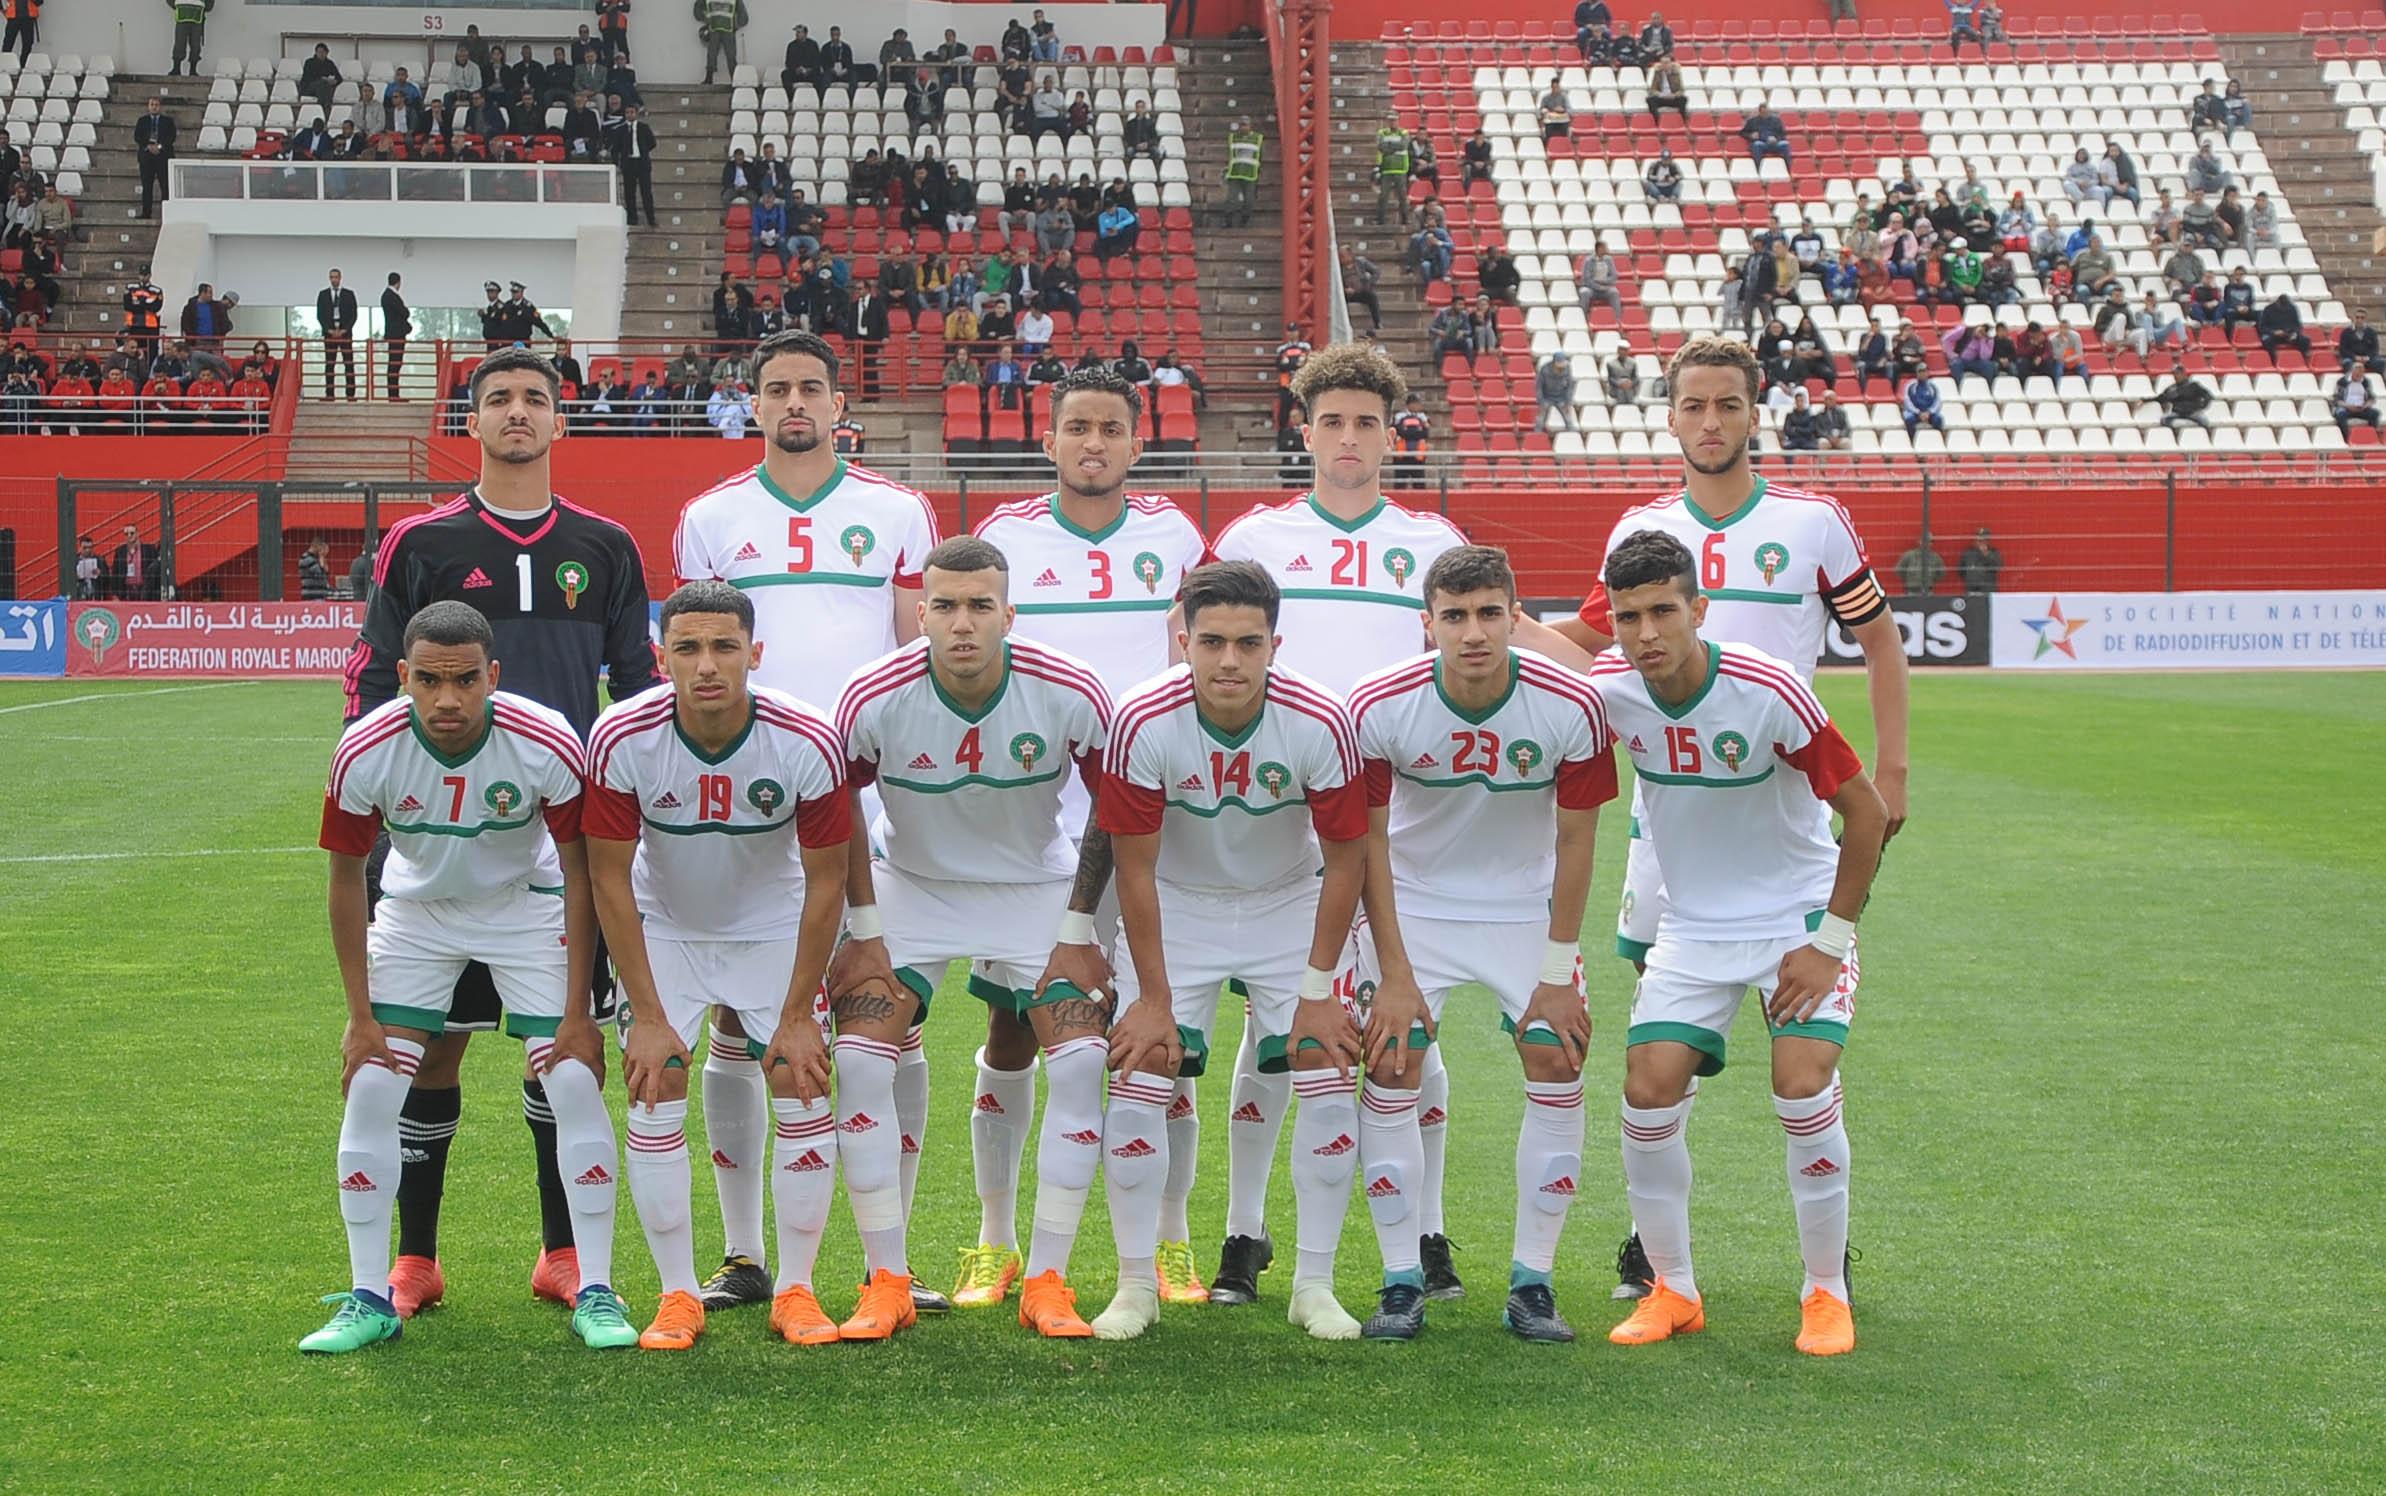 دورة اتحاد شمال إفريقيا (-20 عاما).. المنتخب المغربي يتعادل مع بوركينافاسو